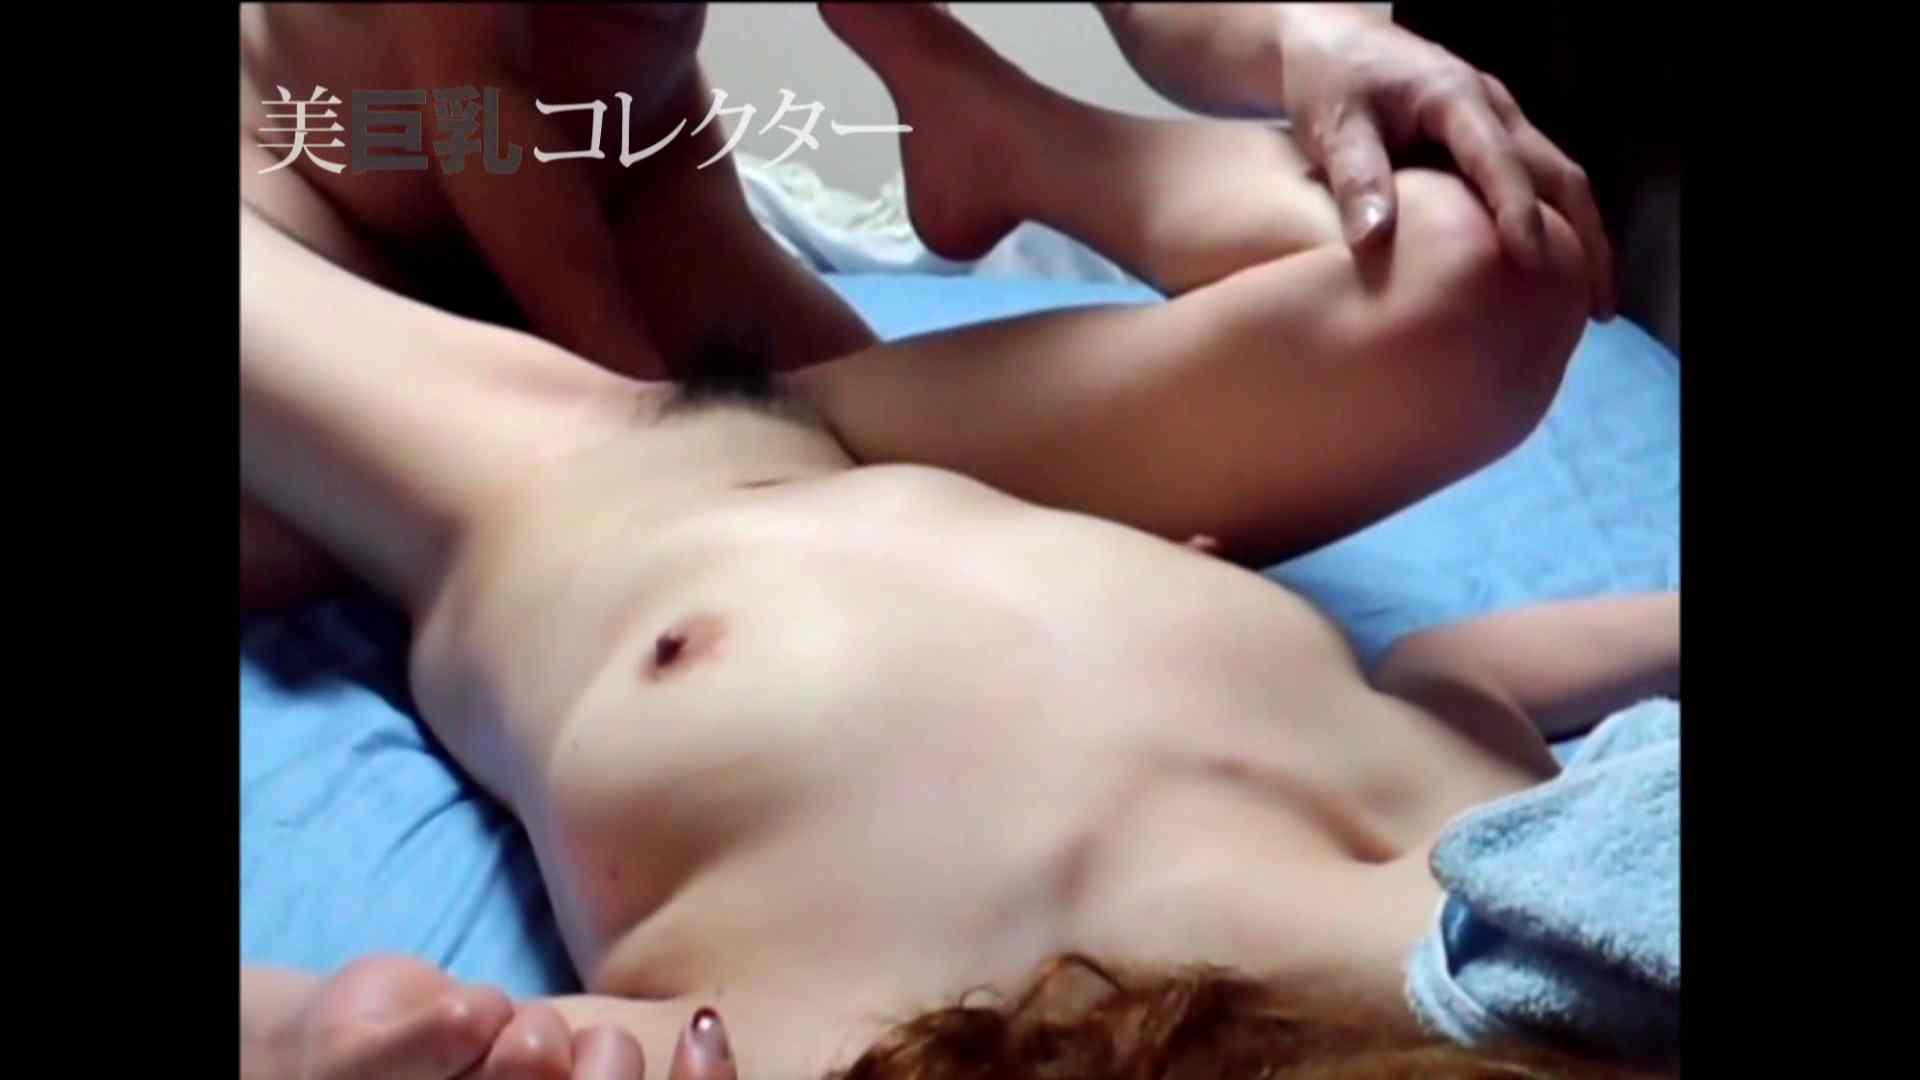 泥酔スレンダー巨乳美女 巨乳  69PIX 6